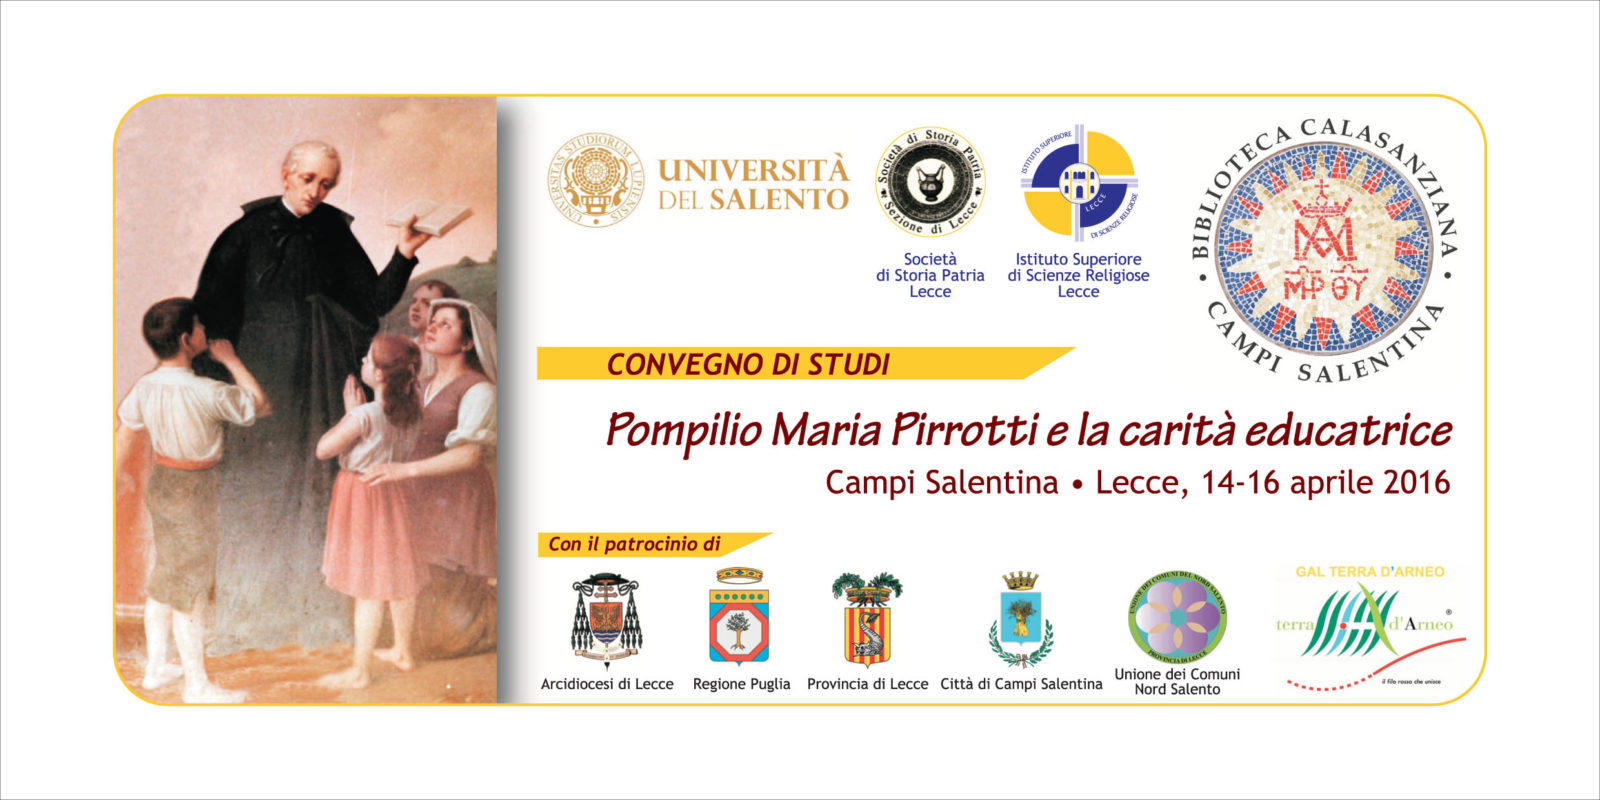 Convegno di studi: Pompilio Maria Pirrotti e la carità educatrice